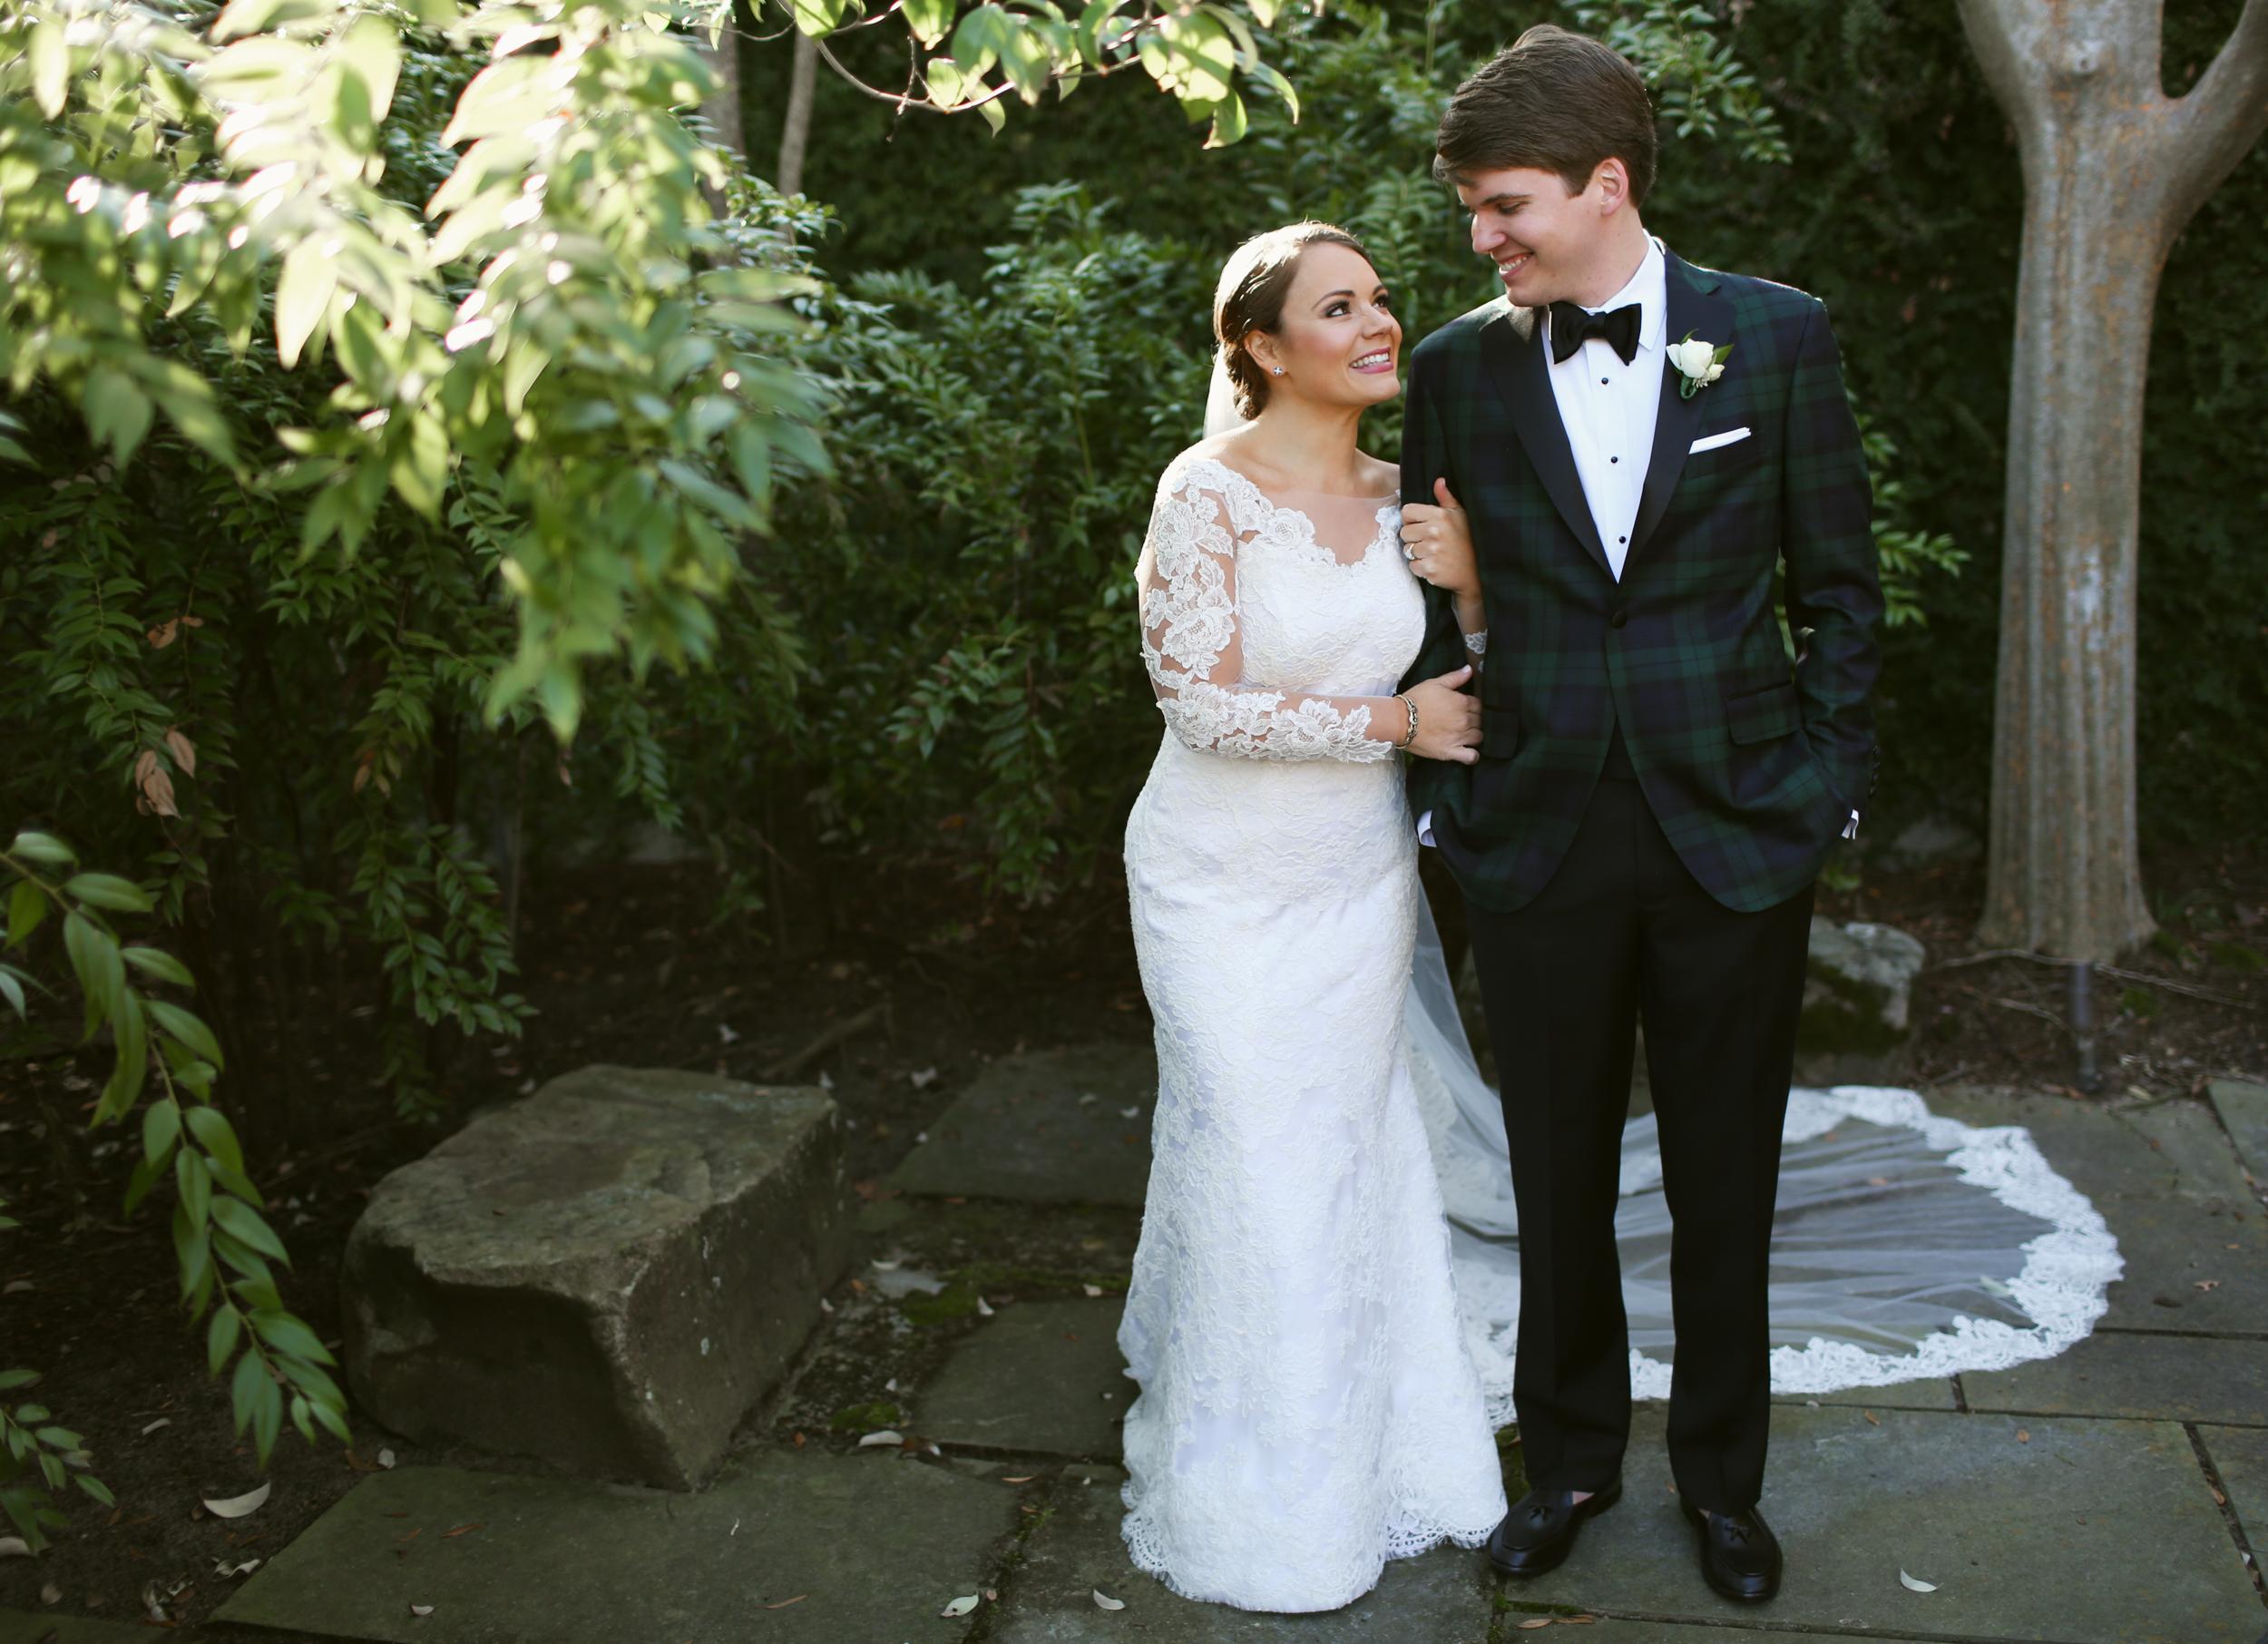 Kuhlke_wedding-283.jpg